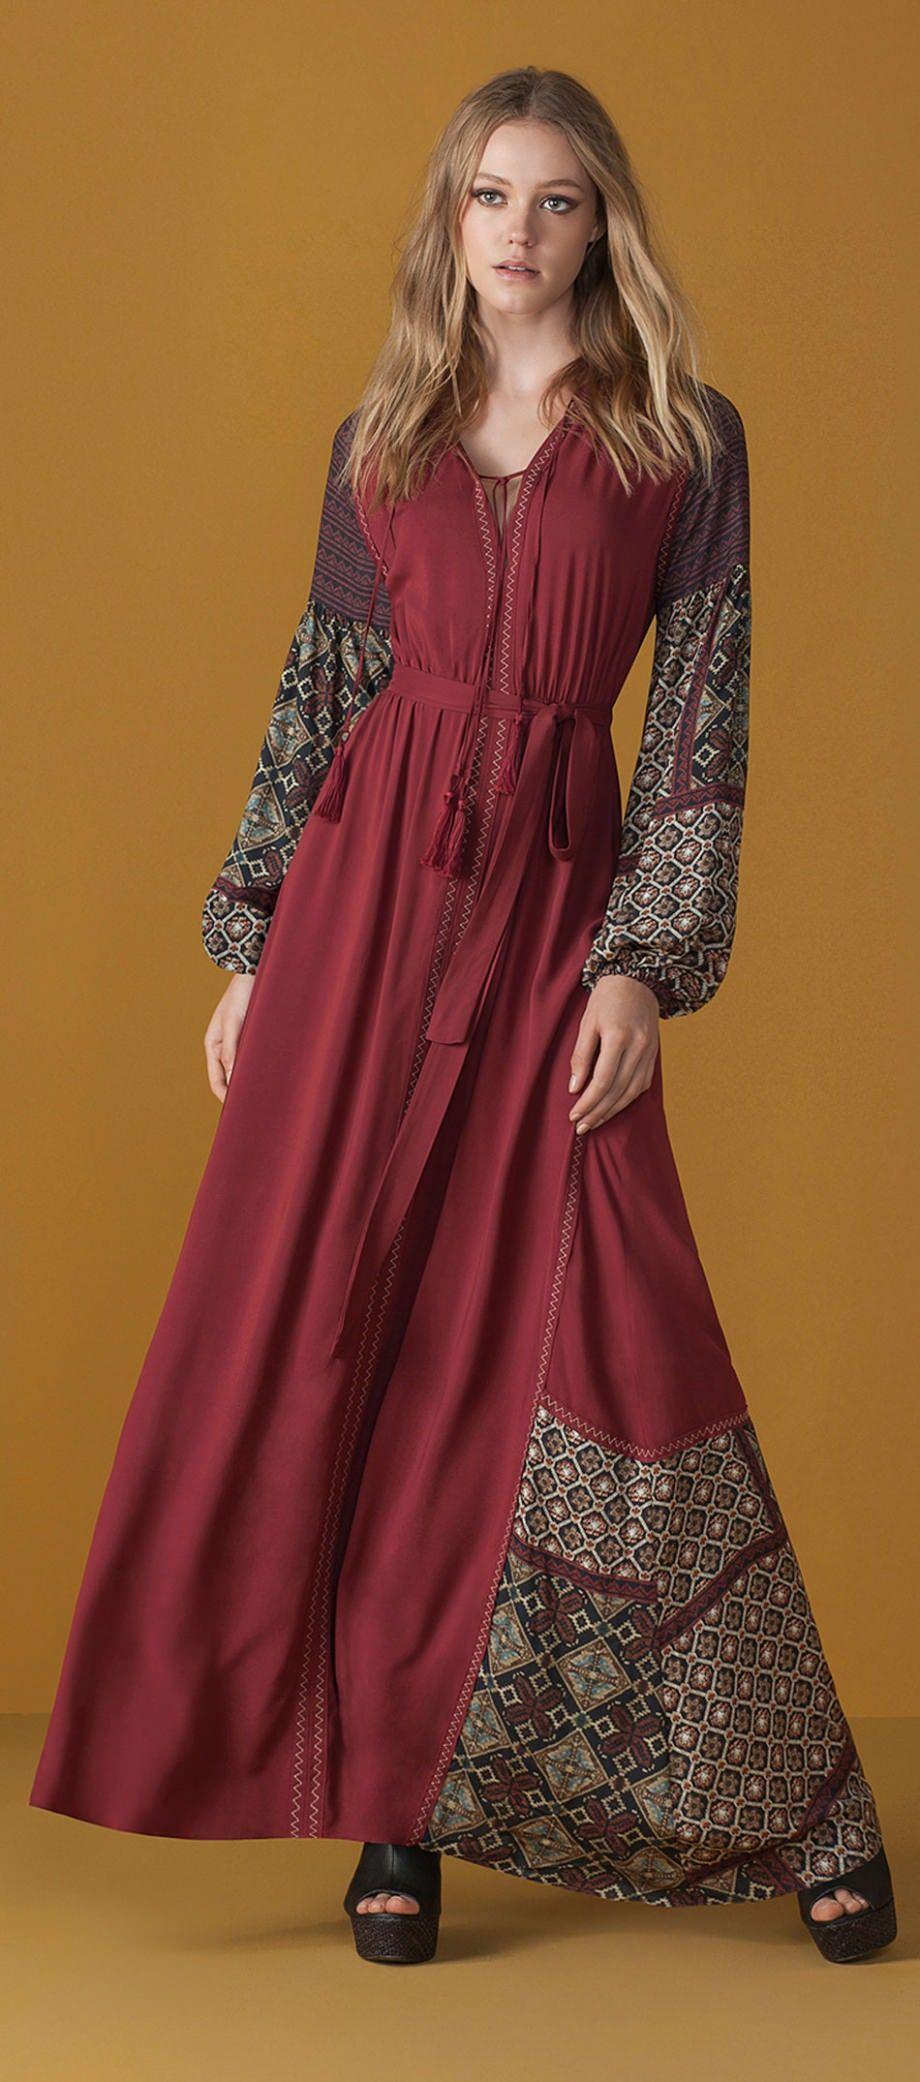 6ed3cd52b7 vestido longo manga comprida bugante contura marcada estampado etnico